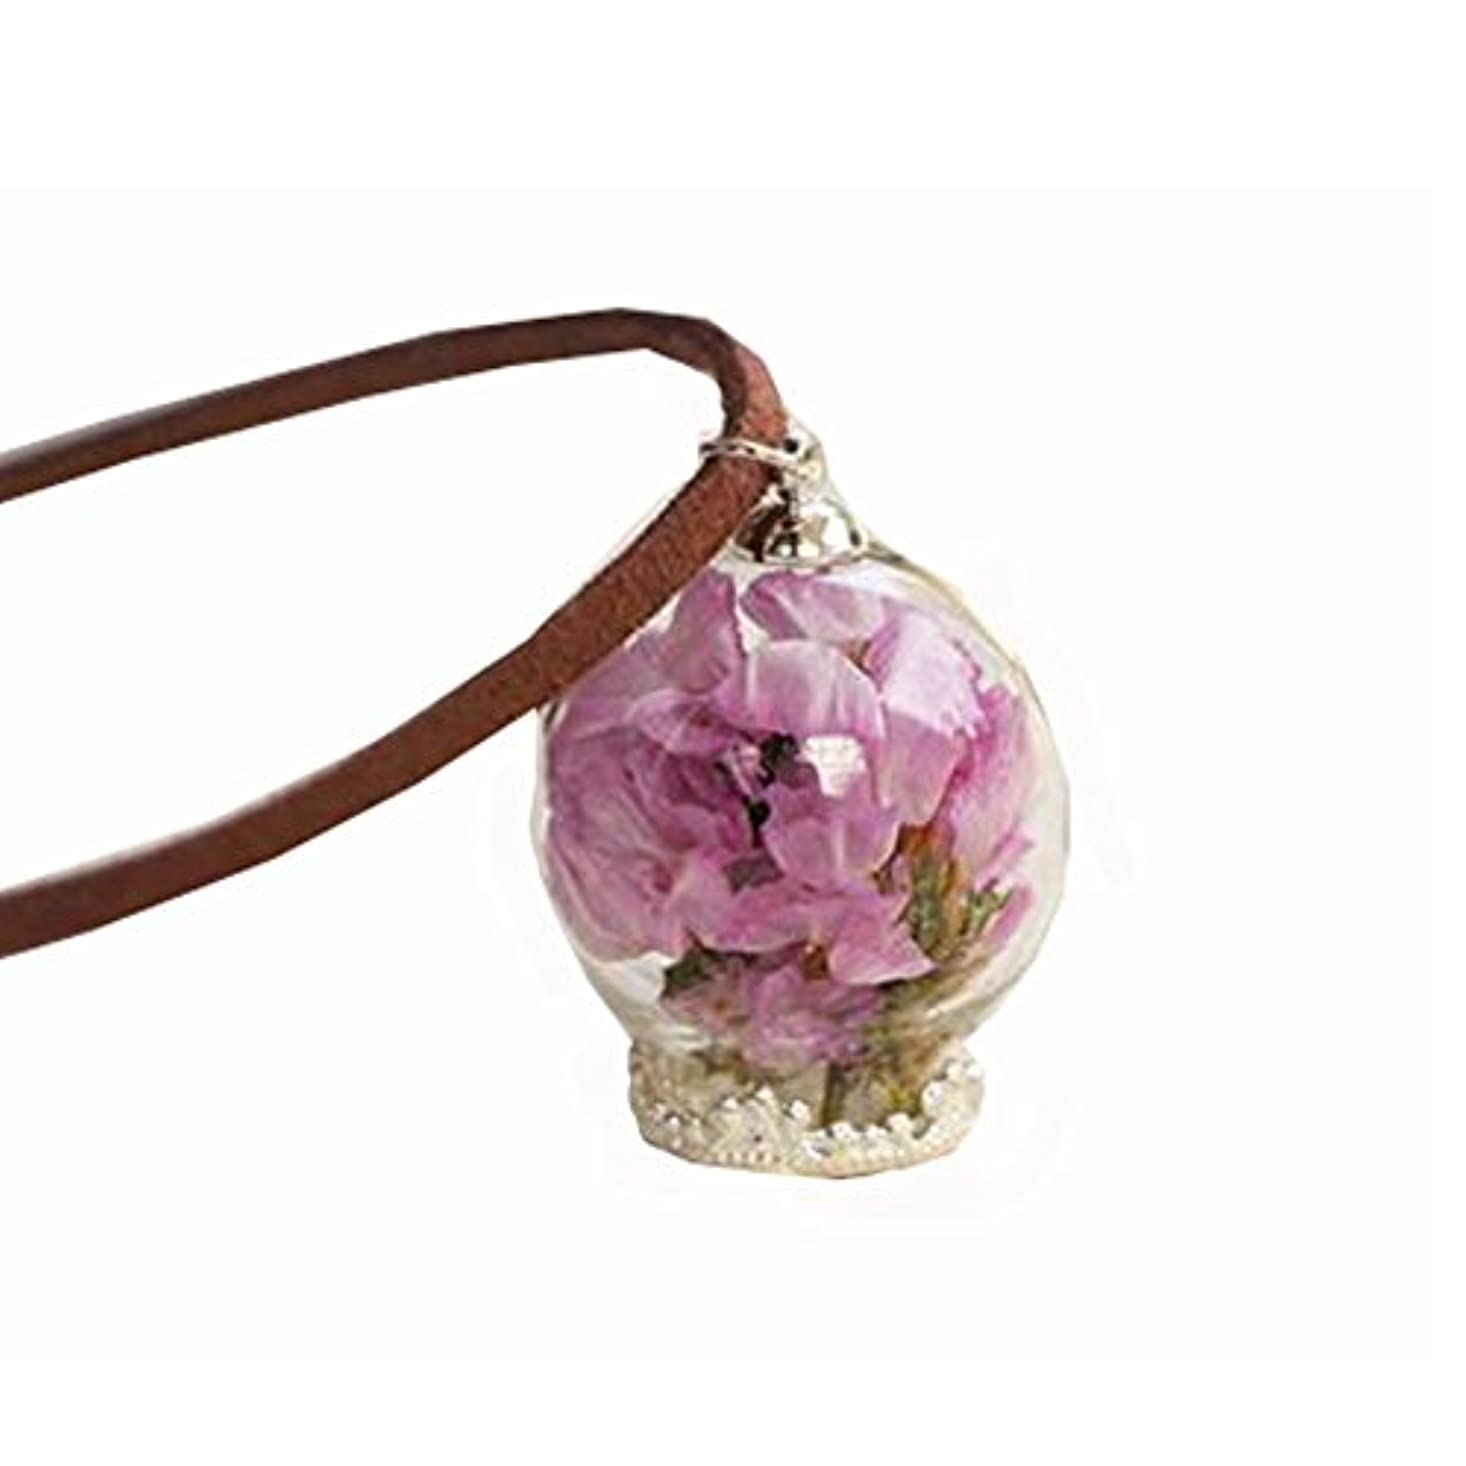 週間取り扱い熟読美しい乾燥した花のペンダントネックレスセーターの装飾品のセットナイスギフト